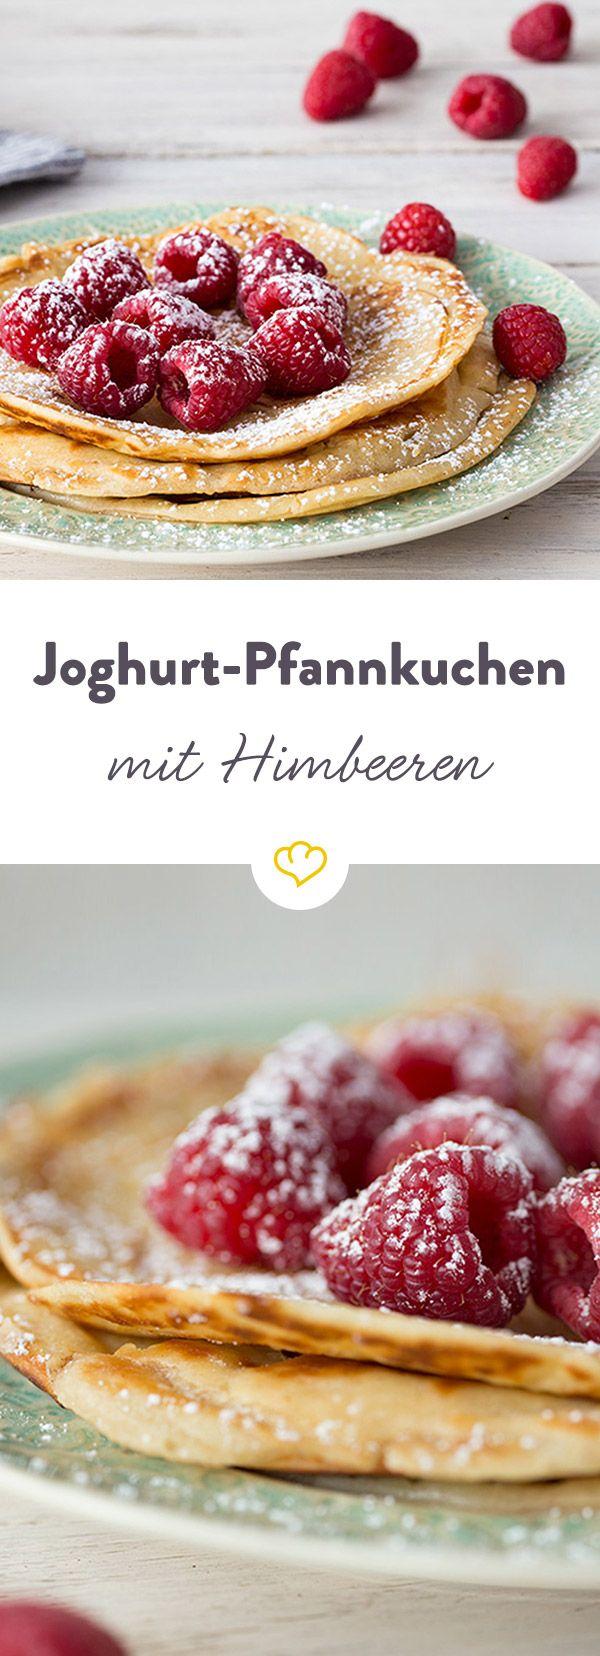 Joghurt-Pfannkuchen mit Himbeeren #healthyrecipes